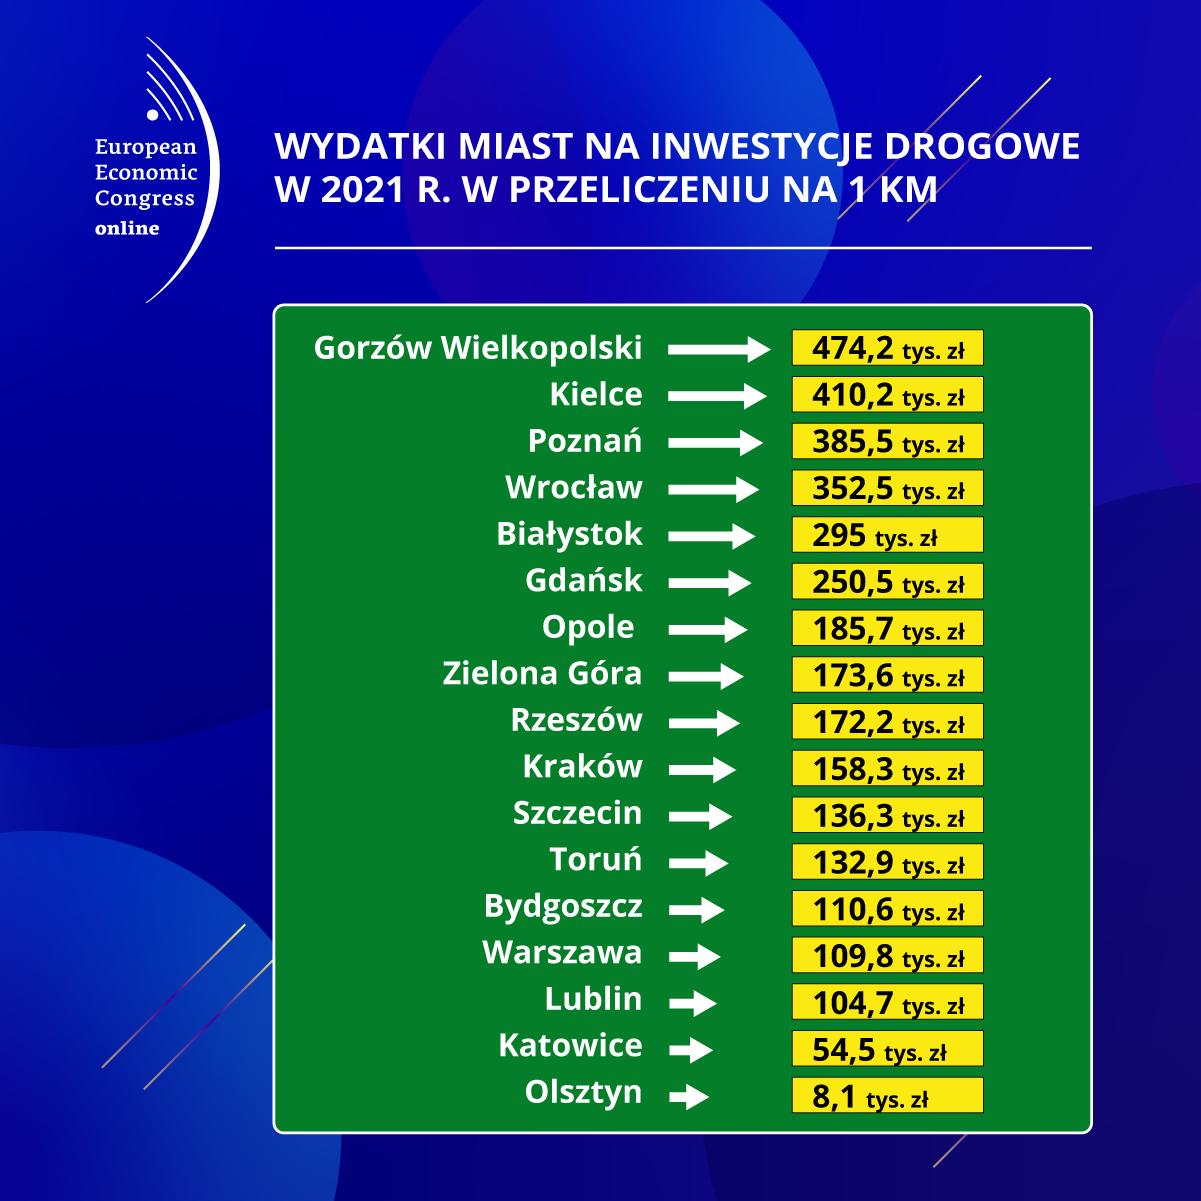 Wydatki miast na inwestycje drogowe w 2021 r. w przeliczeniu na 1 km (Fot. PTWP)